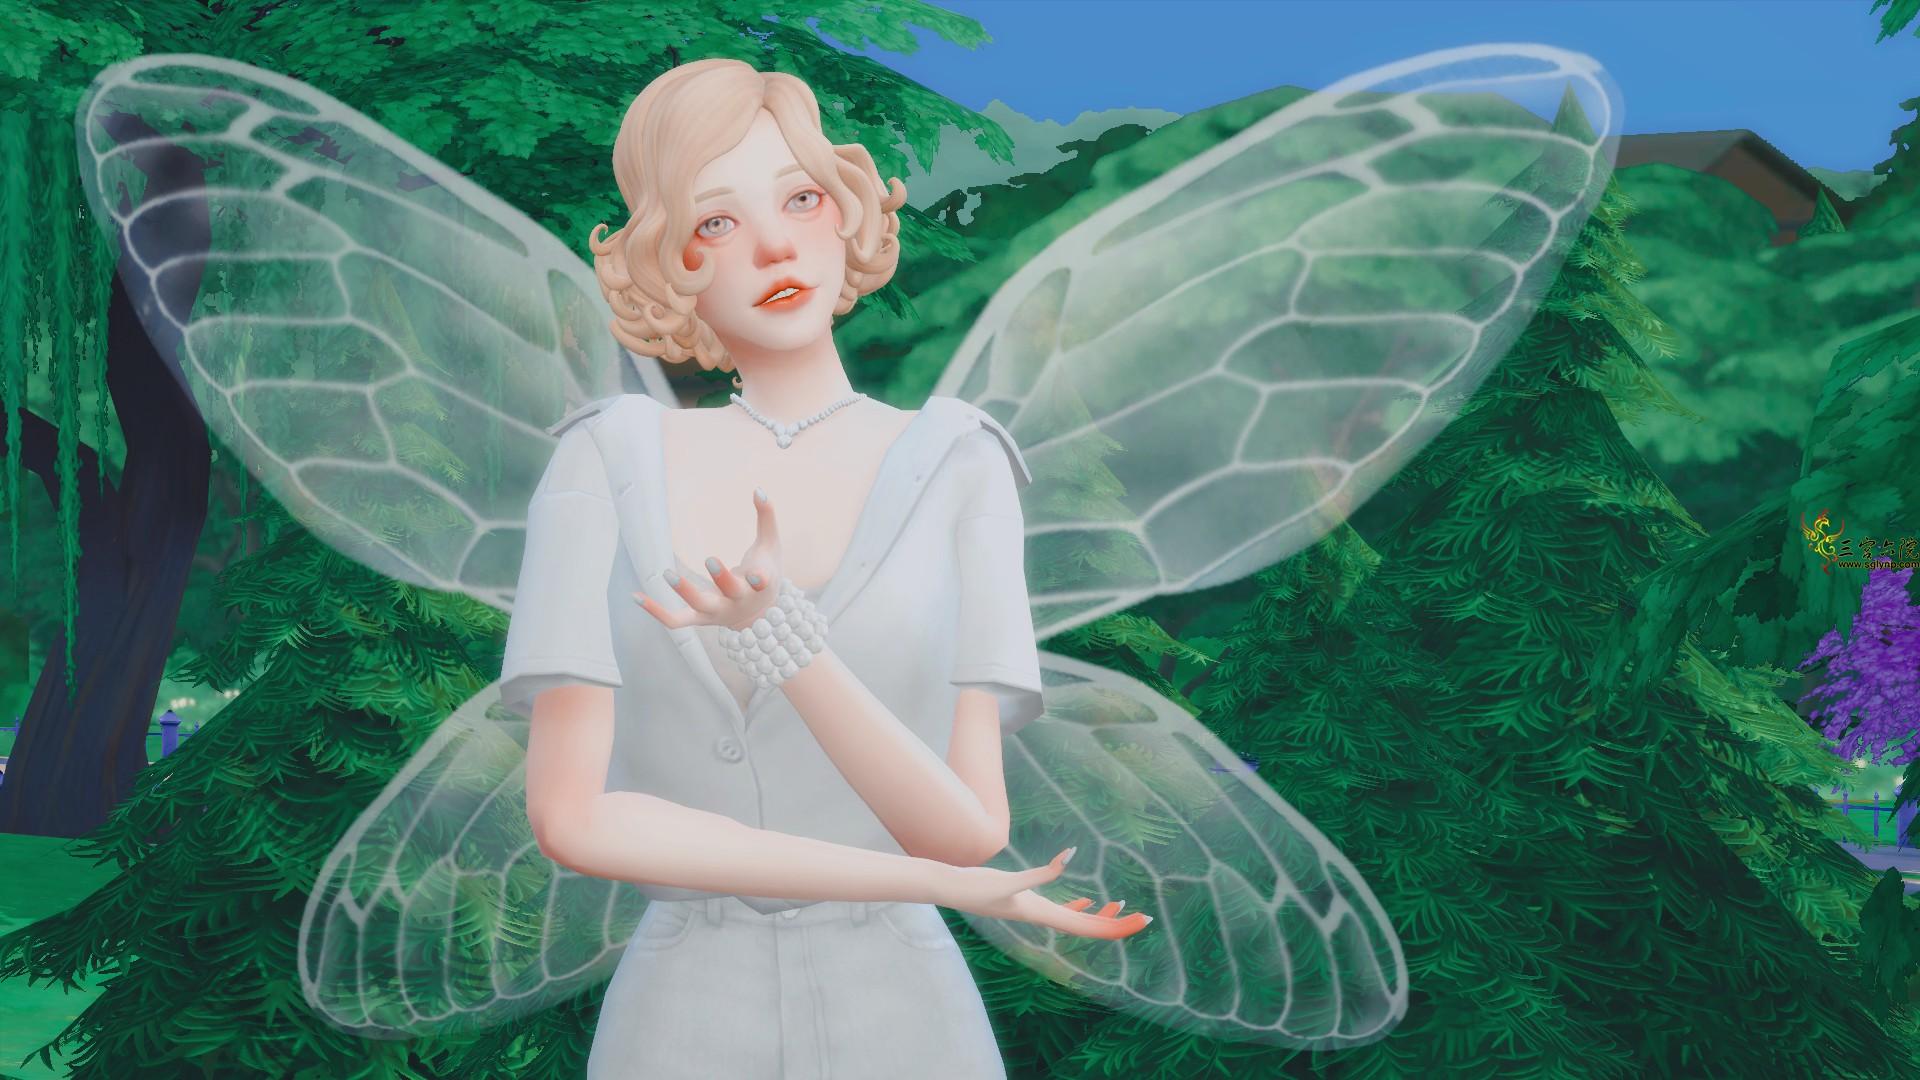 Sims 4 Screenshot 2021.02.12 - 13.10.22.60.png